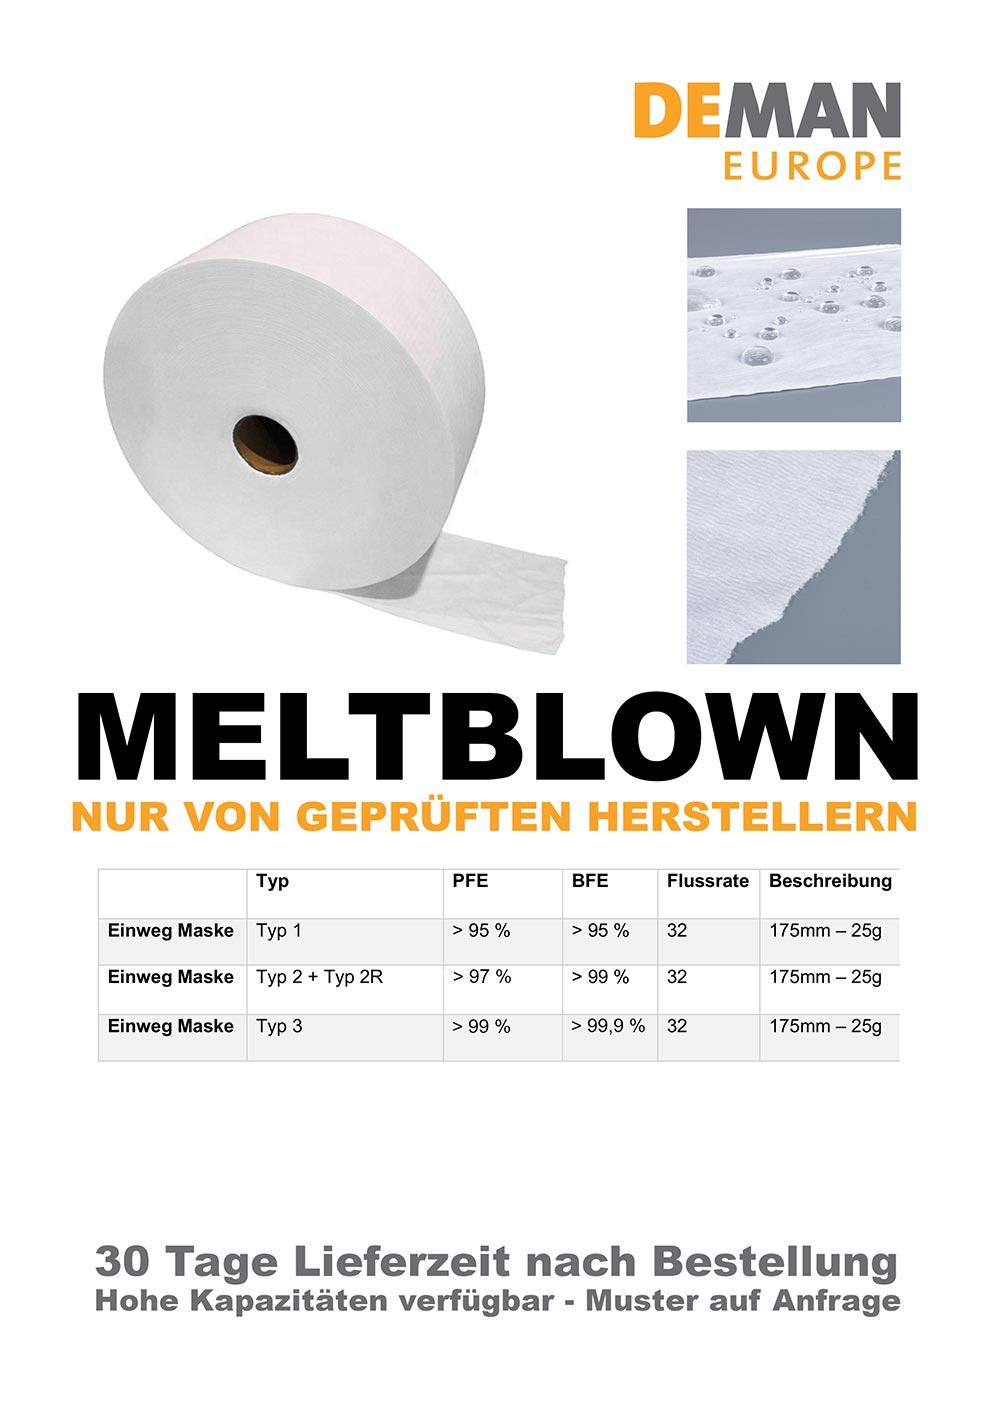 Deman Europe Bielefeld - Meltblown